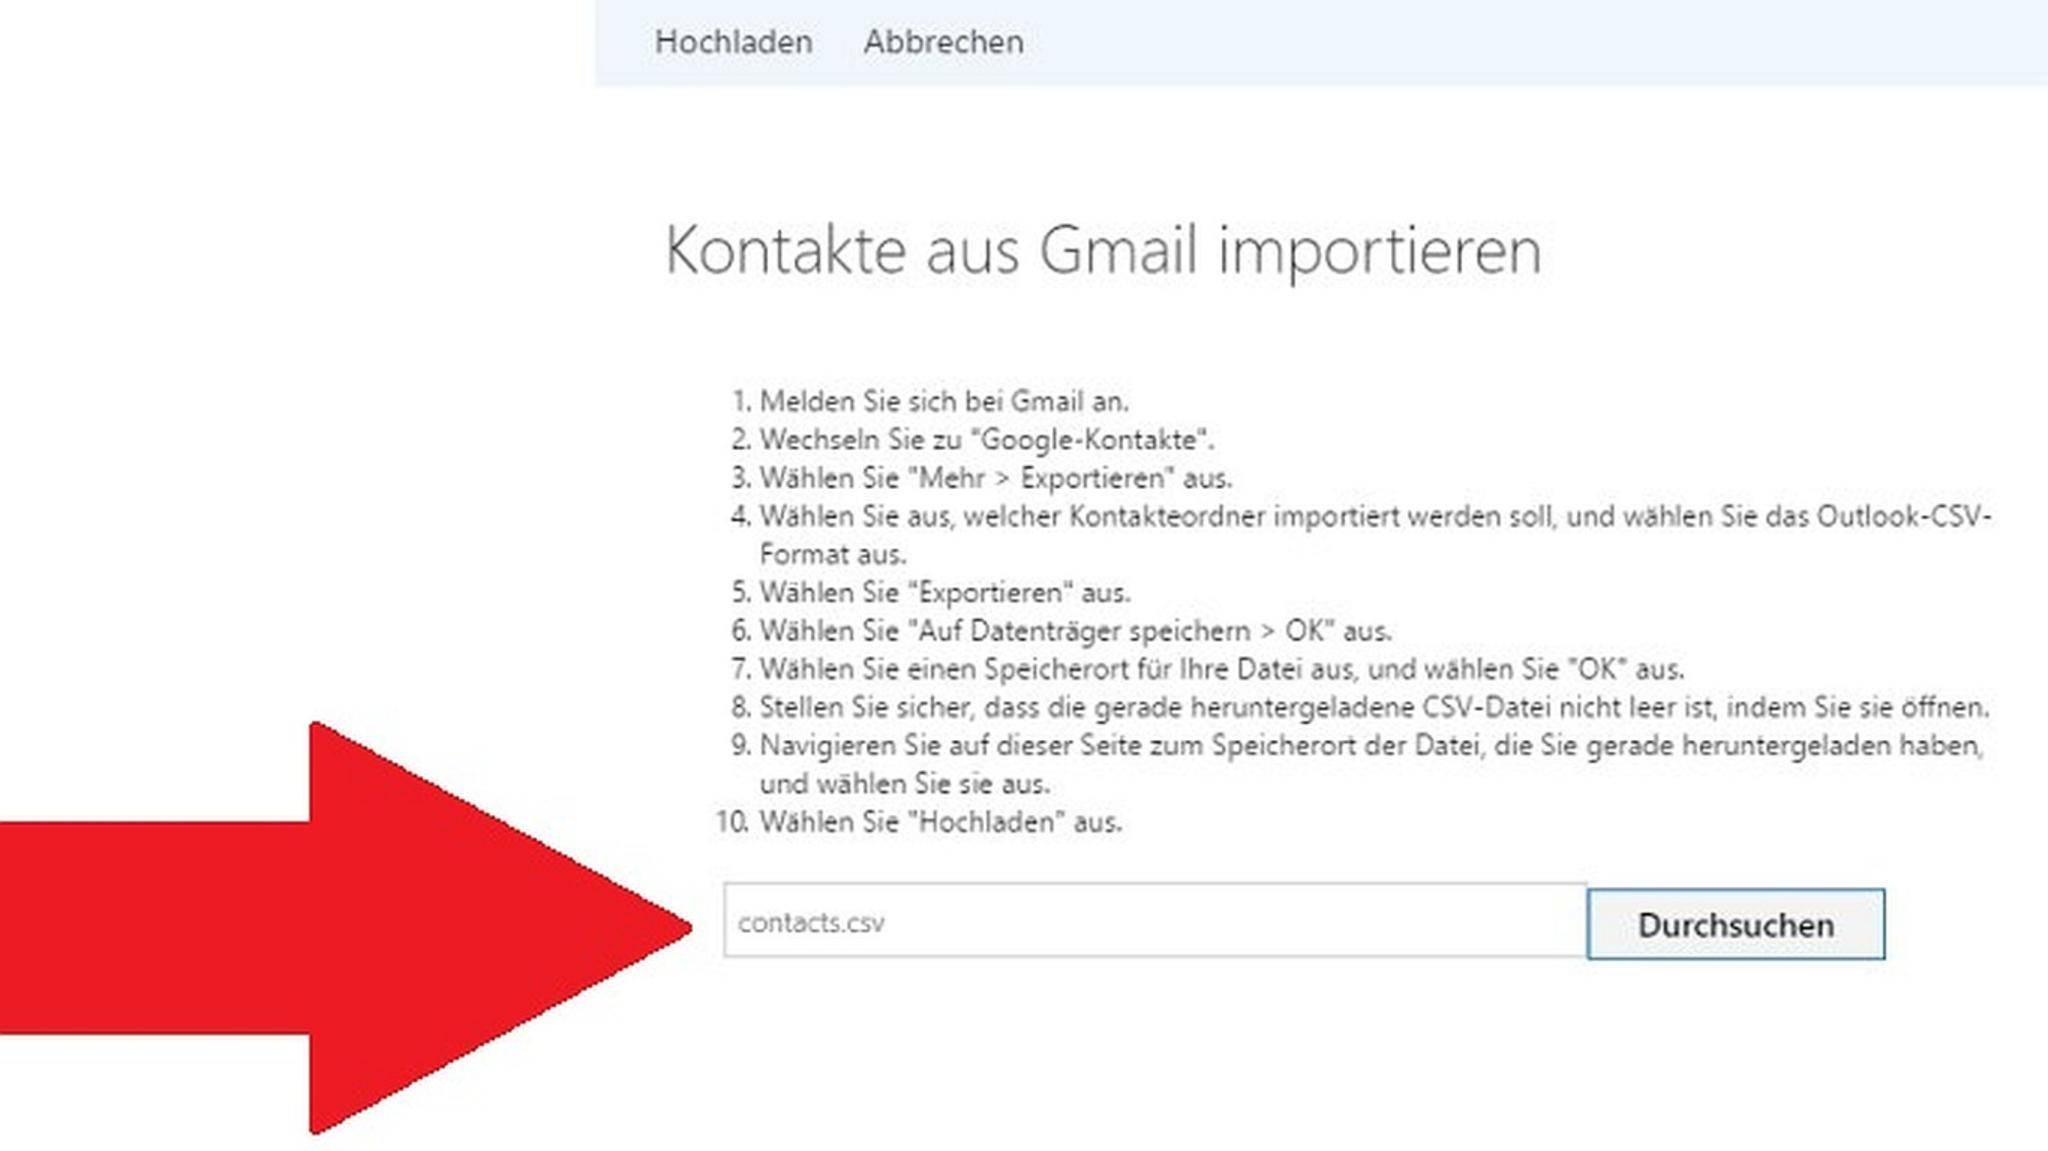 Die Verwaltung von Windows-Kontakten funktioniert über eine bestimmte Website.